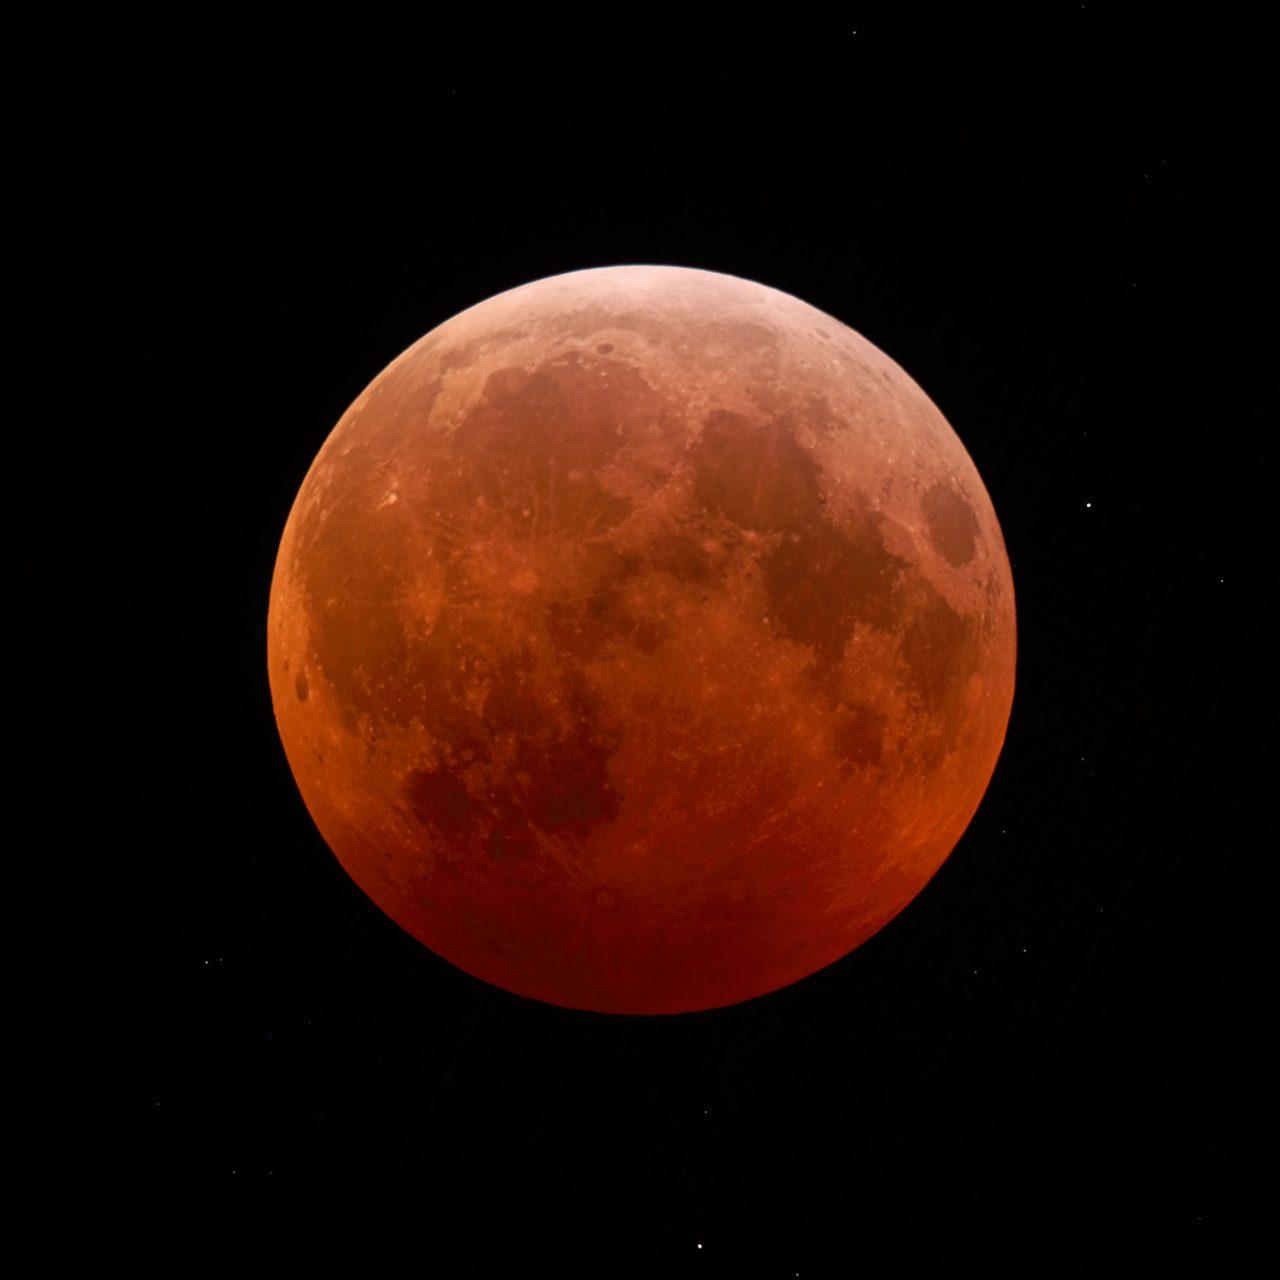 Der maximal verfinsterte Mond während der totalen Mondfinsternis am 21.01.2019 um 06:12 MEZ